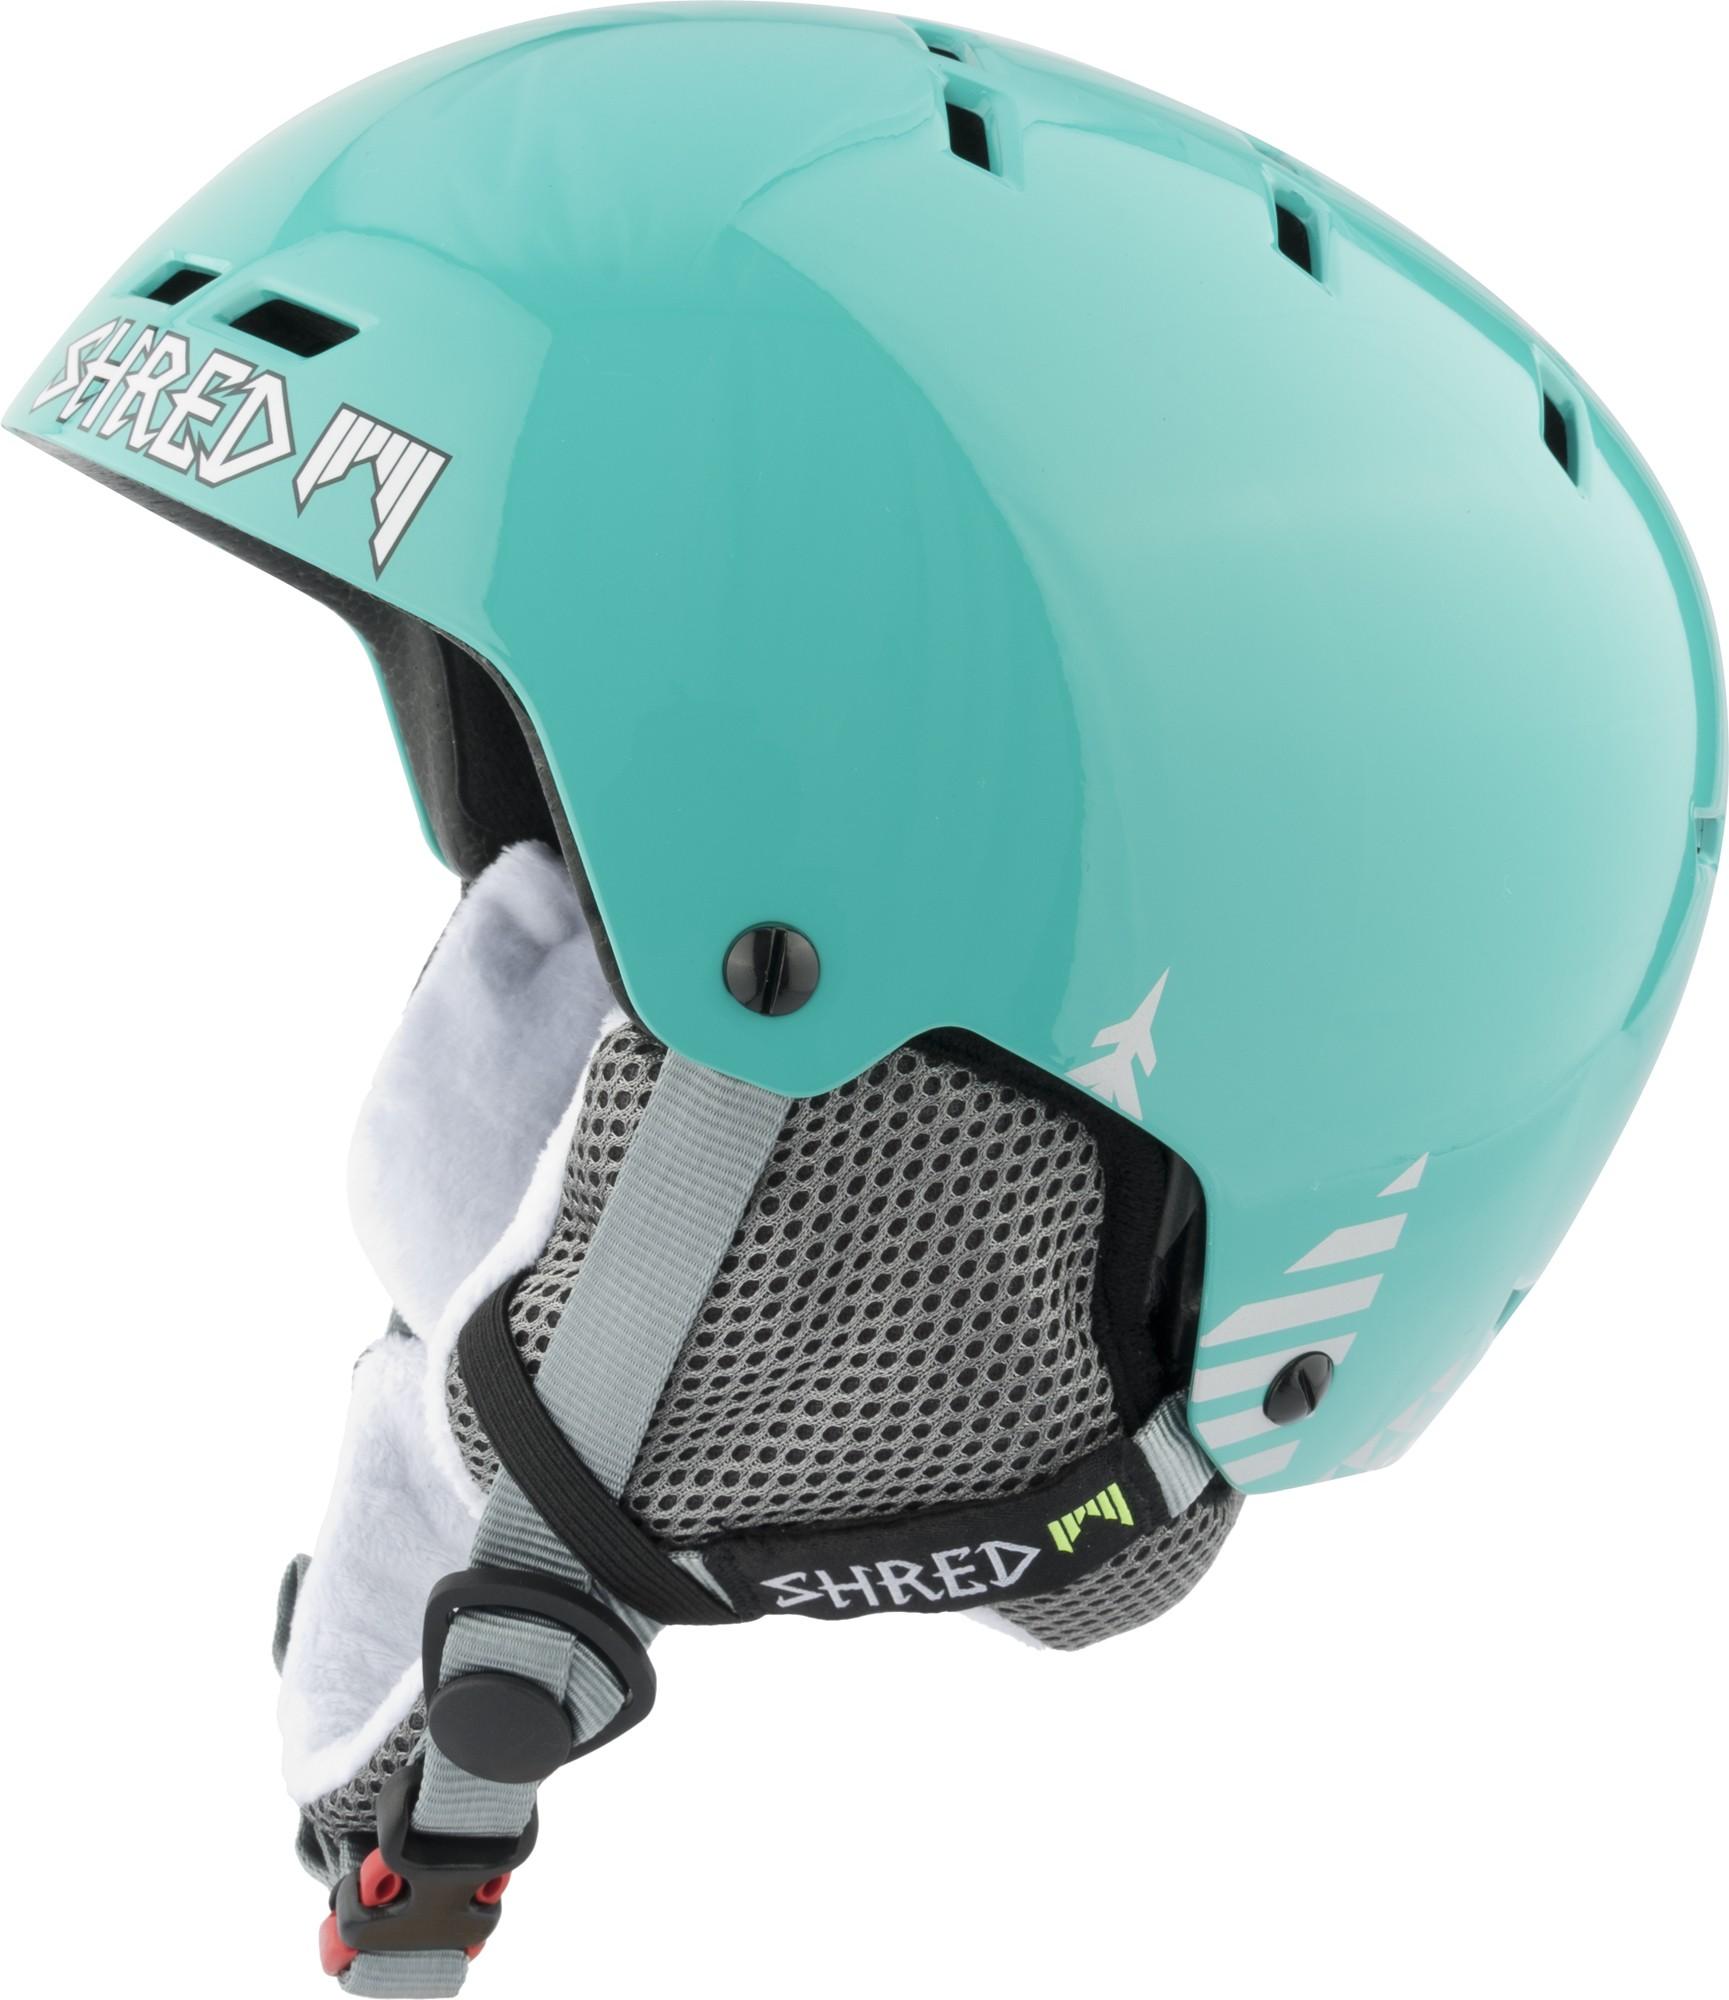 Shred BUMPER warm TIMBER ski helmet, 2017